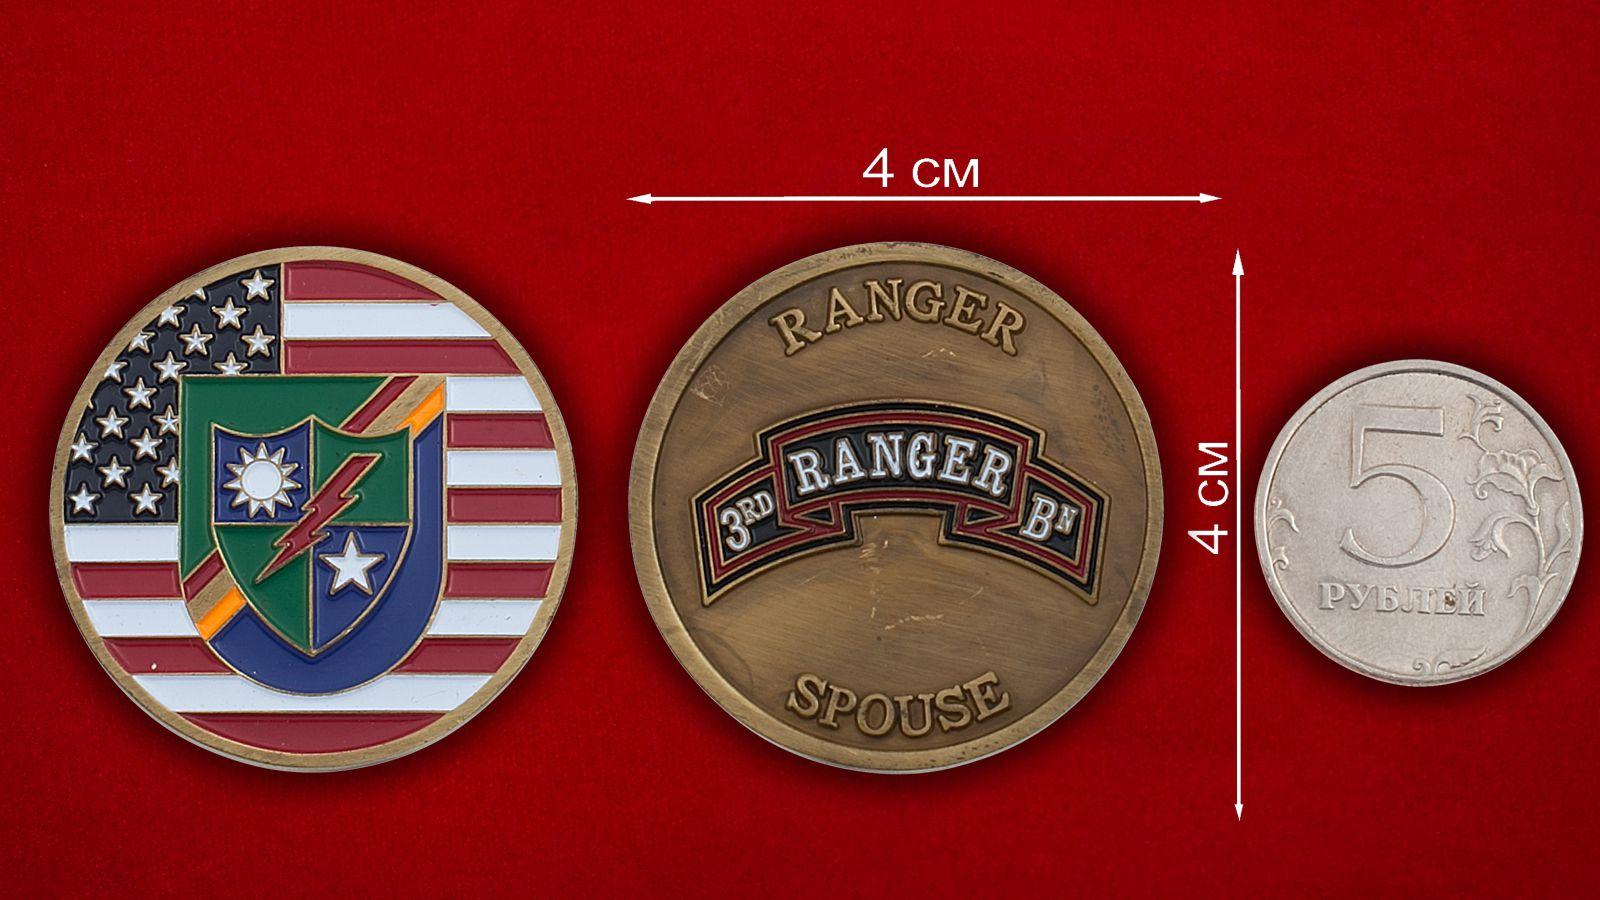 Челлендж коин 3-го батальона рейнджеров - сравнительный размер